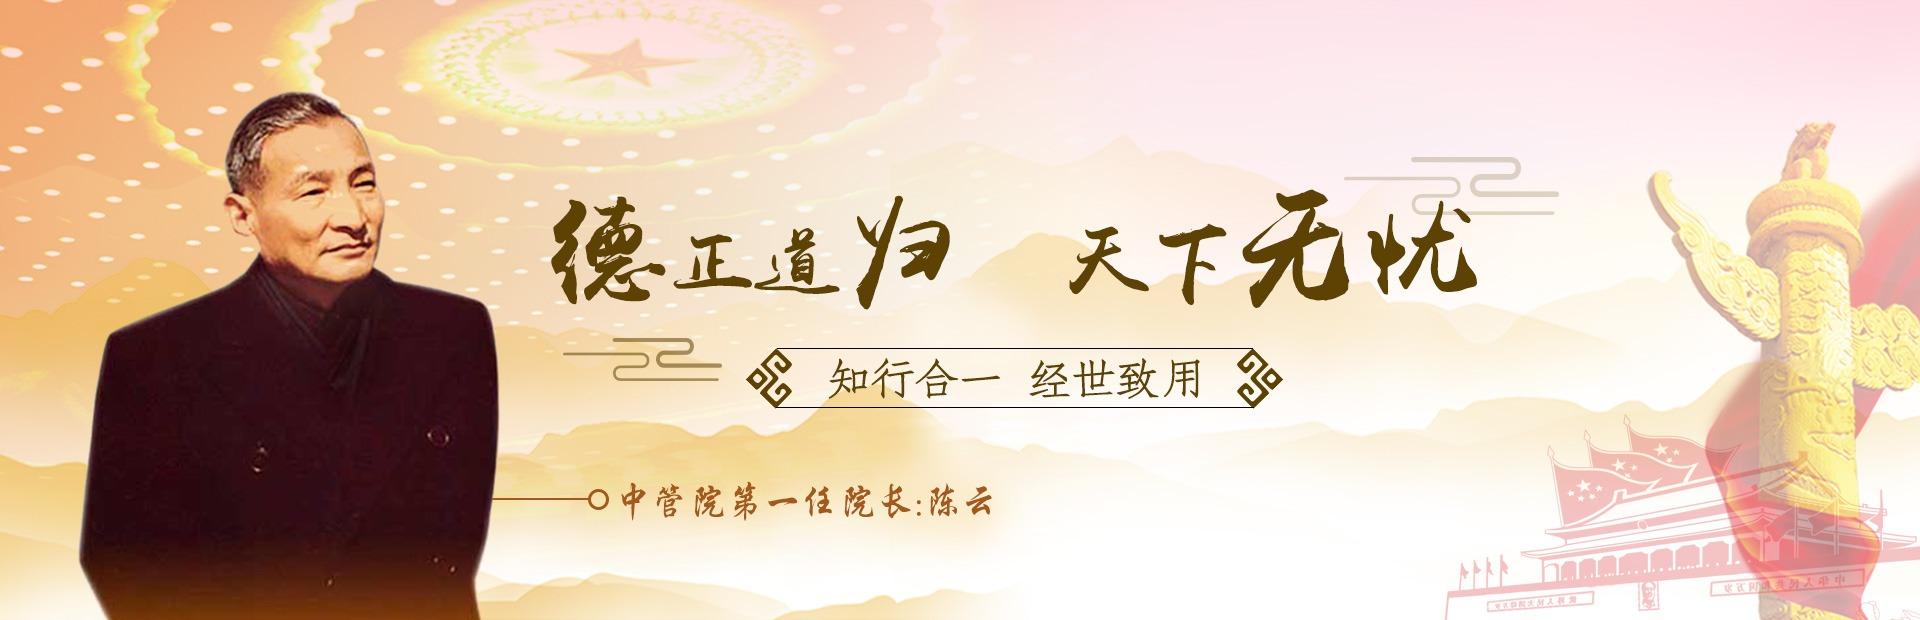 中管院·周易文化教育中心机构